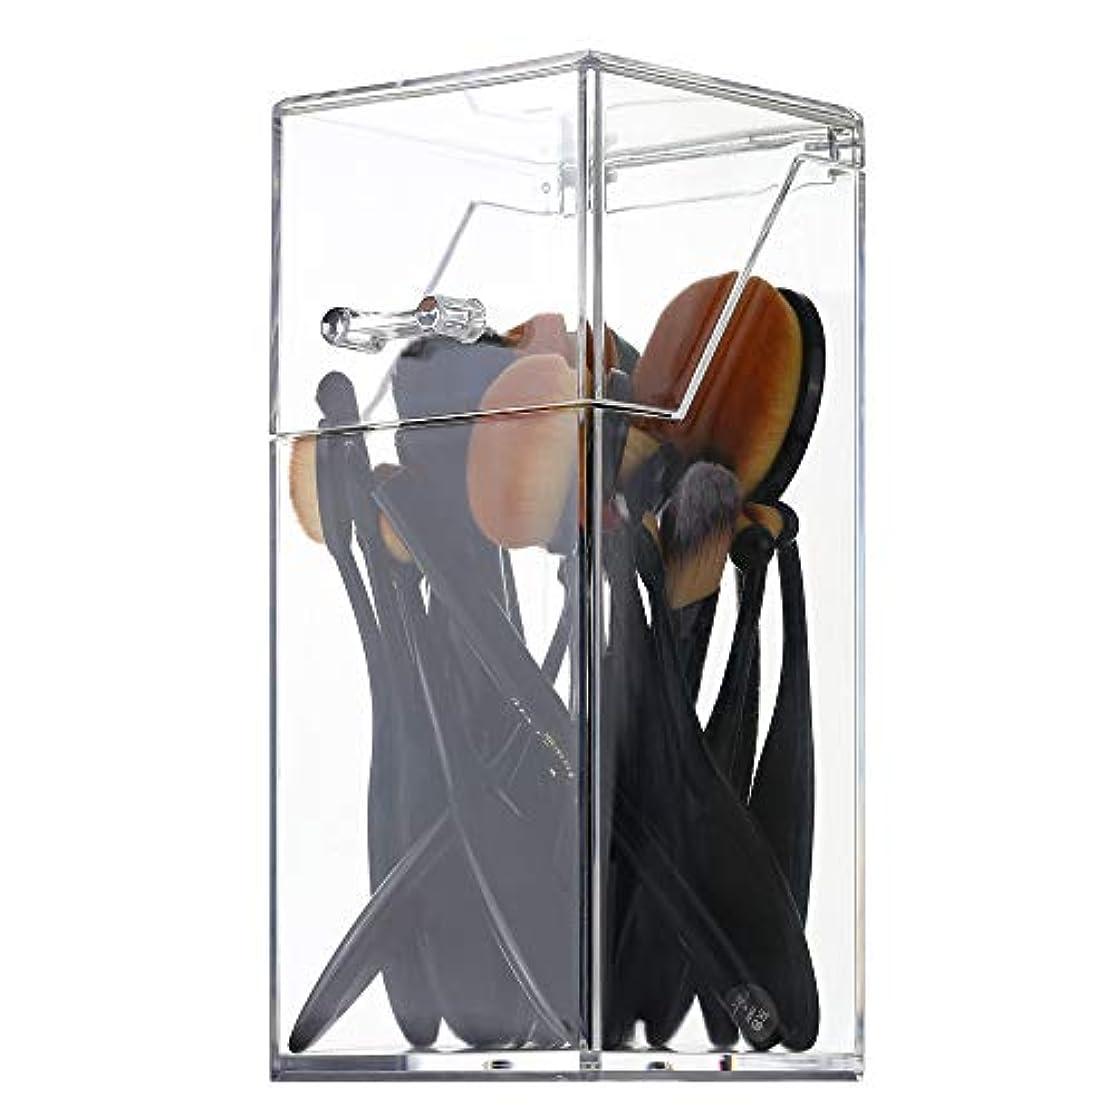 既に大陸信号メイクボックス メイクブラシ収納 Decdeal 透明 ふた付き 防塵 持ち運び アクリルケース 化粧品収納ボックス 口紅 化粧ブラシ 文房具 小物入れ 卓上収納ケース